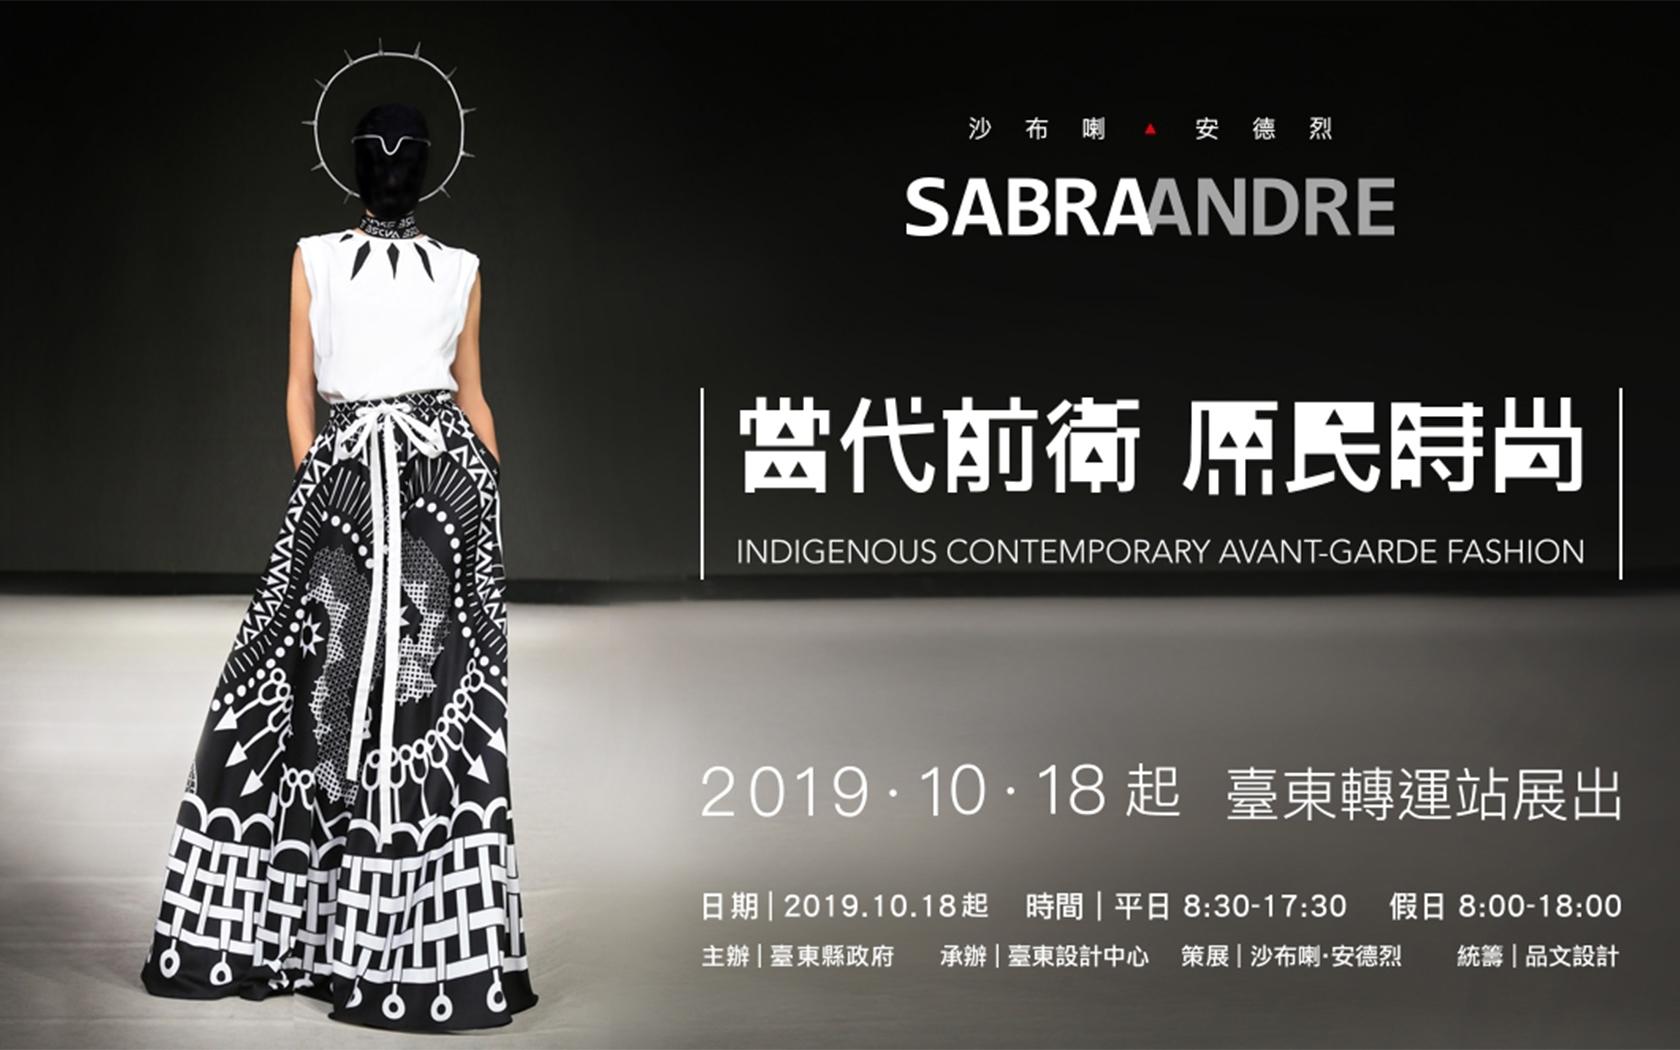 展覽公告 |當代前衛 ‧ 原民時尚 – 沙布喇‧安德烈服裝設計展